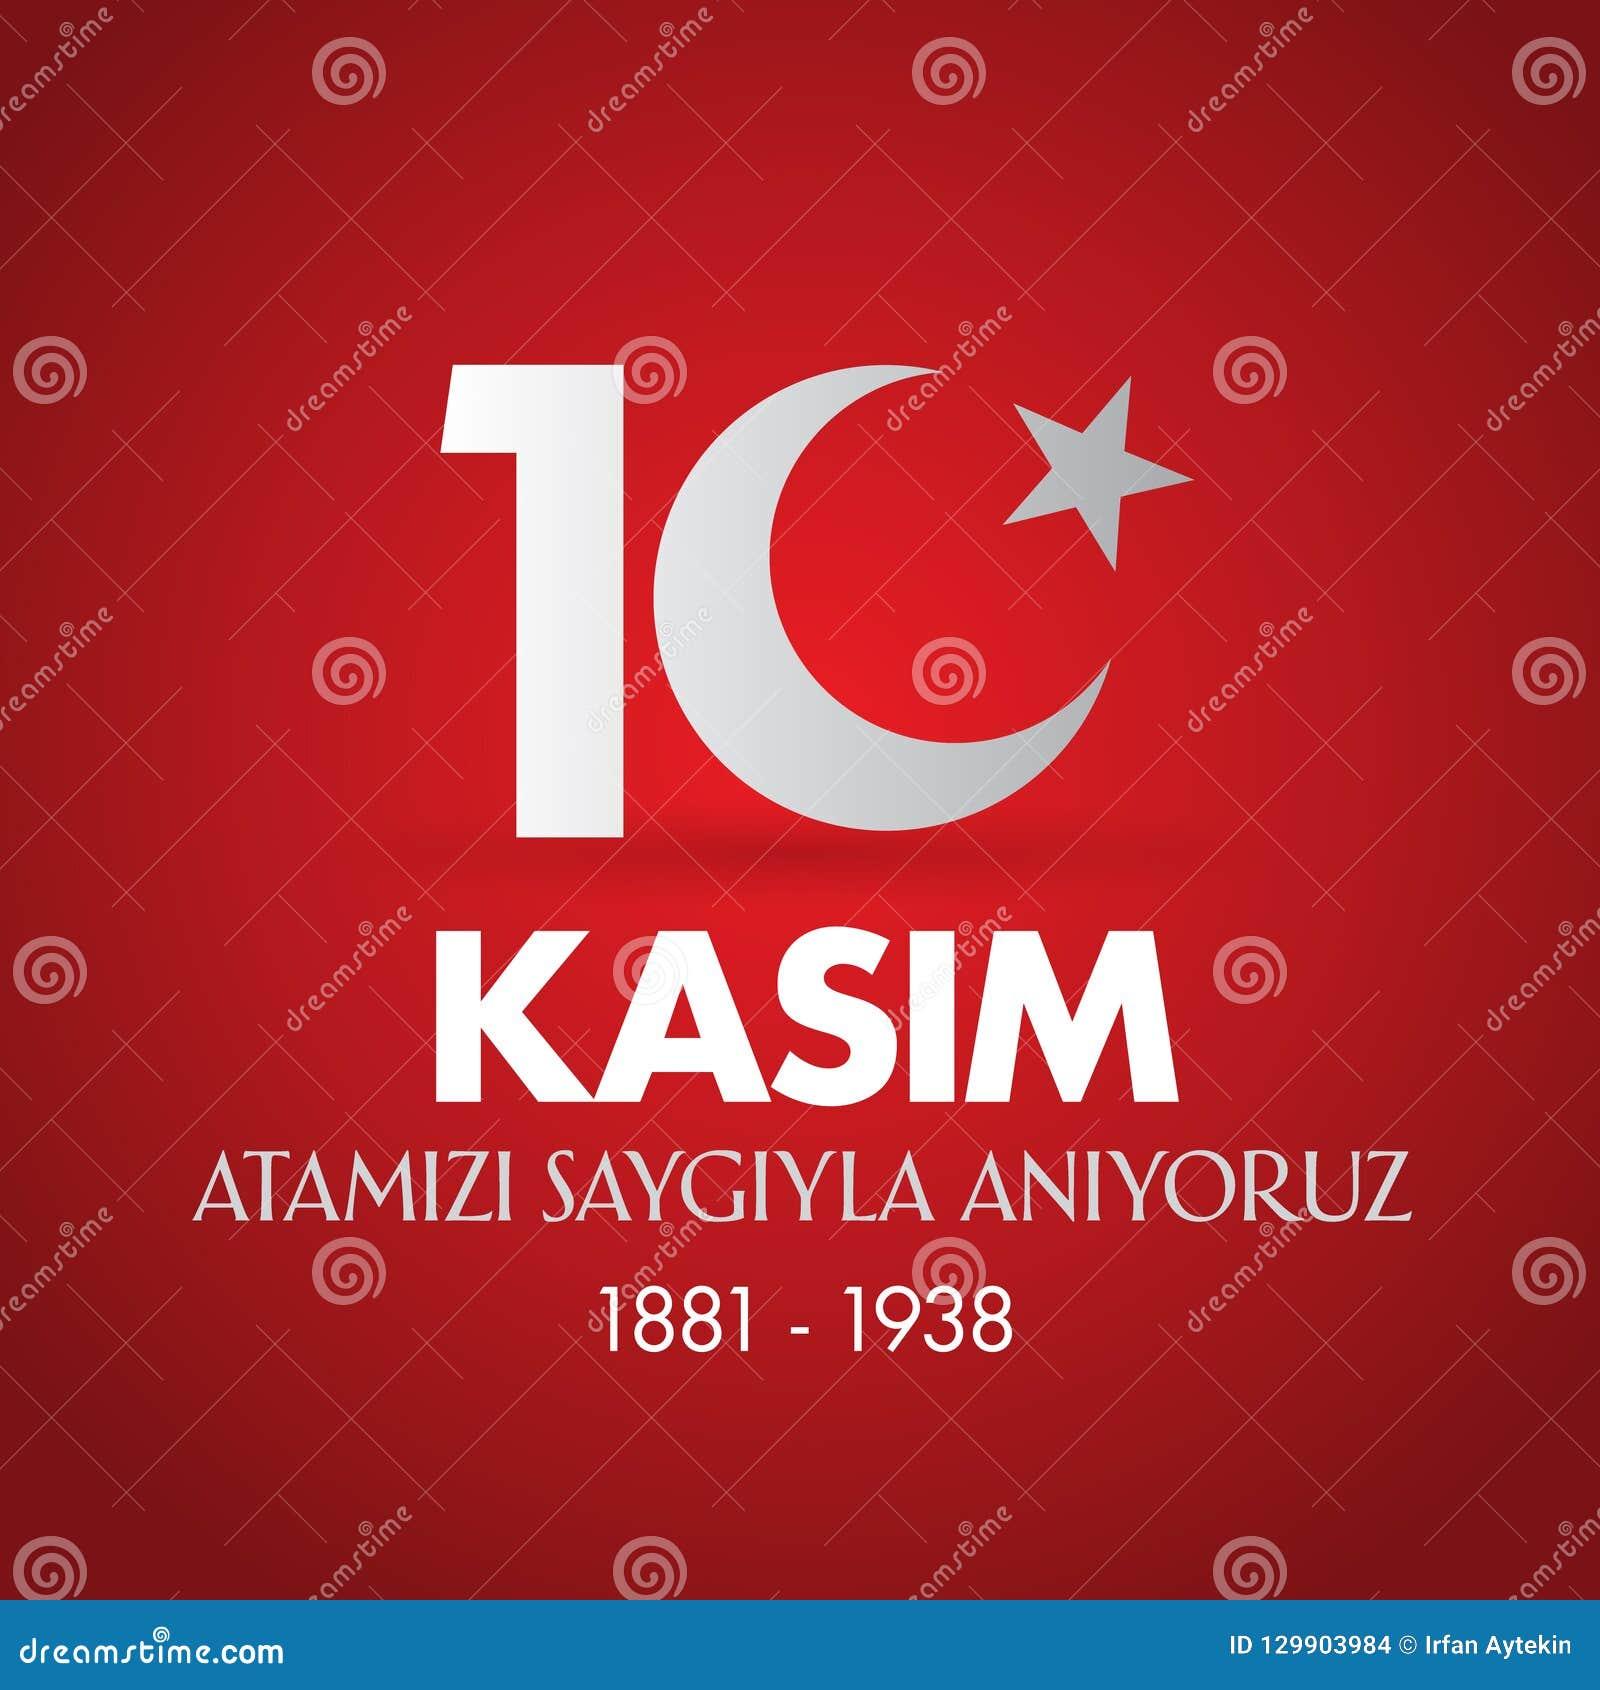 10. November Mustafa Kemal Ataturk Death Day-Jahrestag Volkstrauertag von Ataturk Anschlagtafel-Entwurf TR: 10 Kasim, Atamizi Say